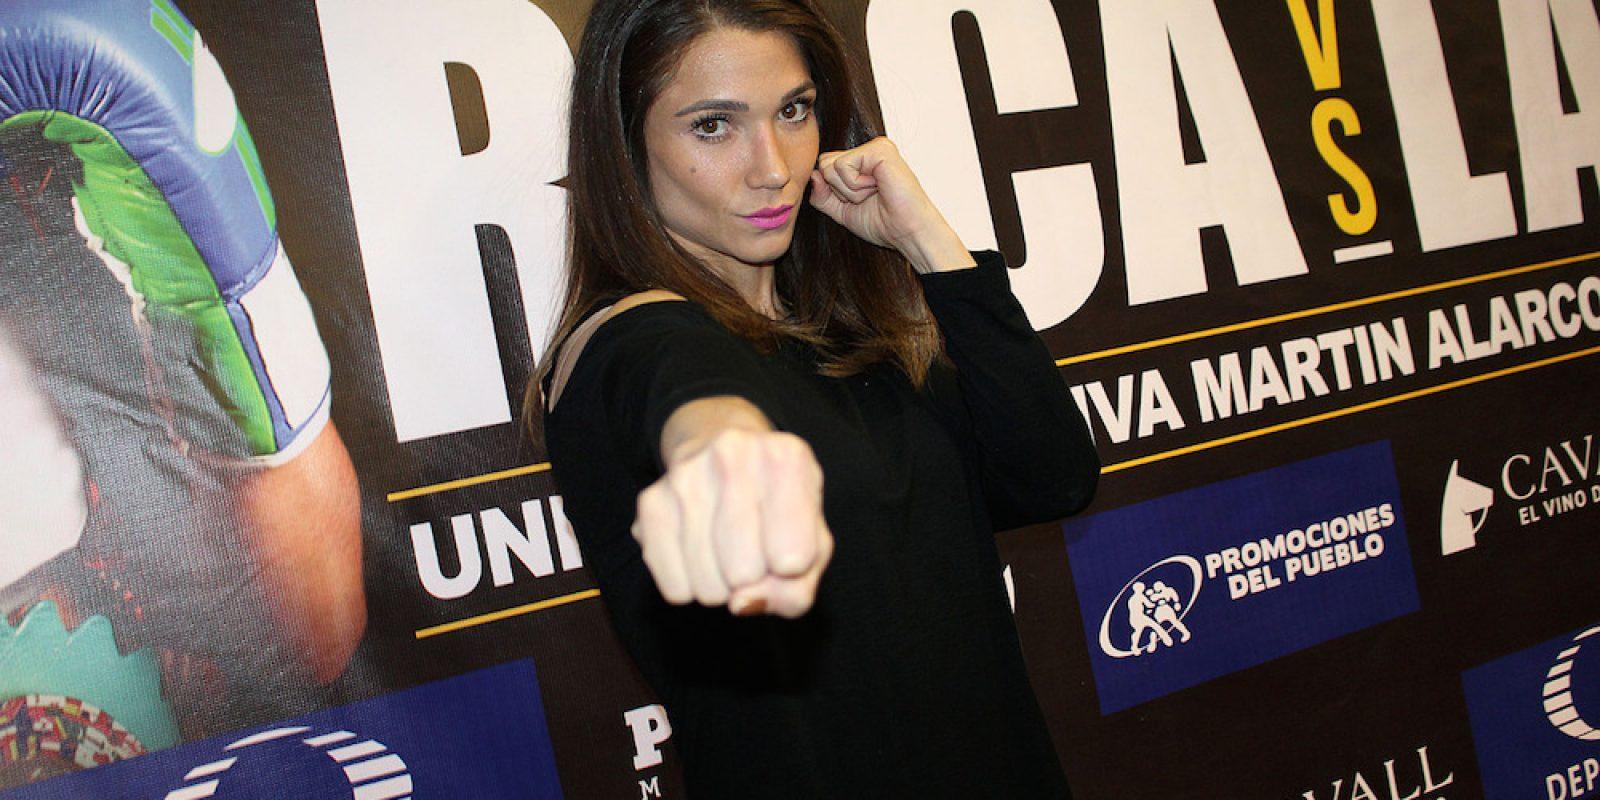 . Imagen Por: Prensa Promociones del Pueblo.